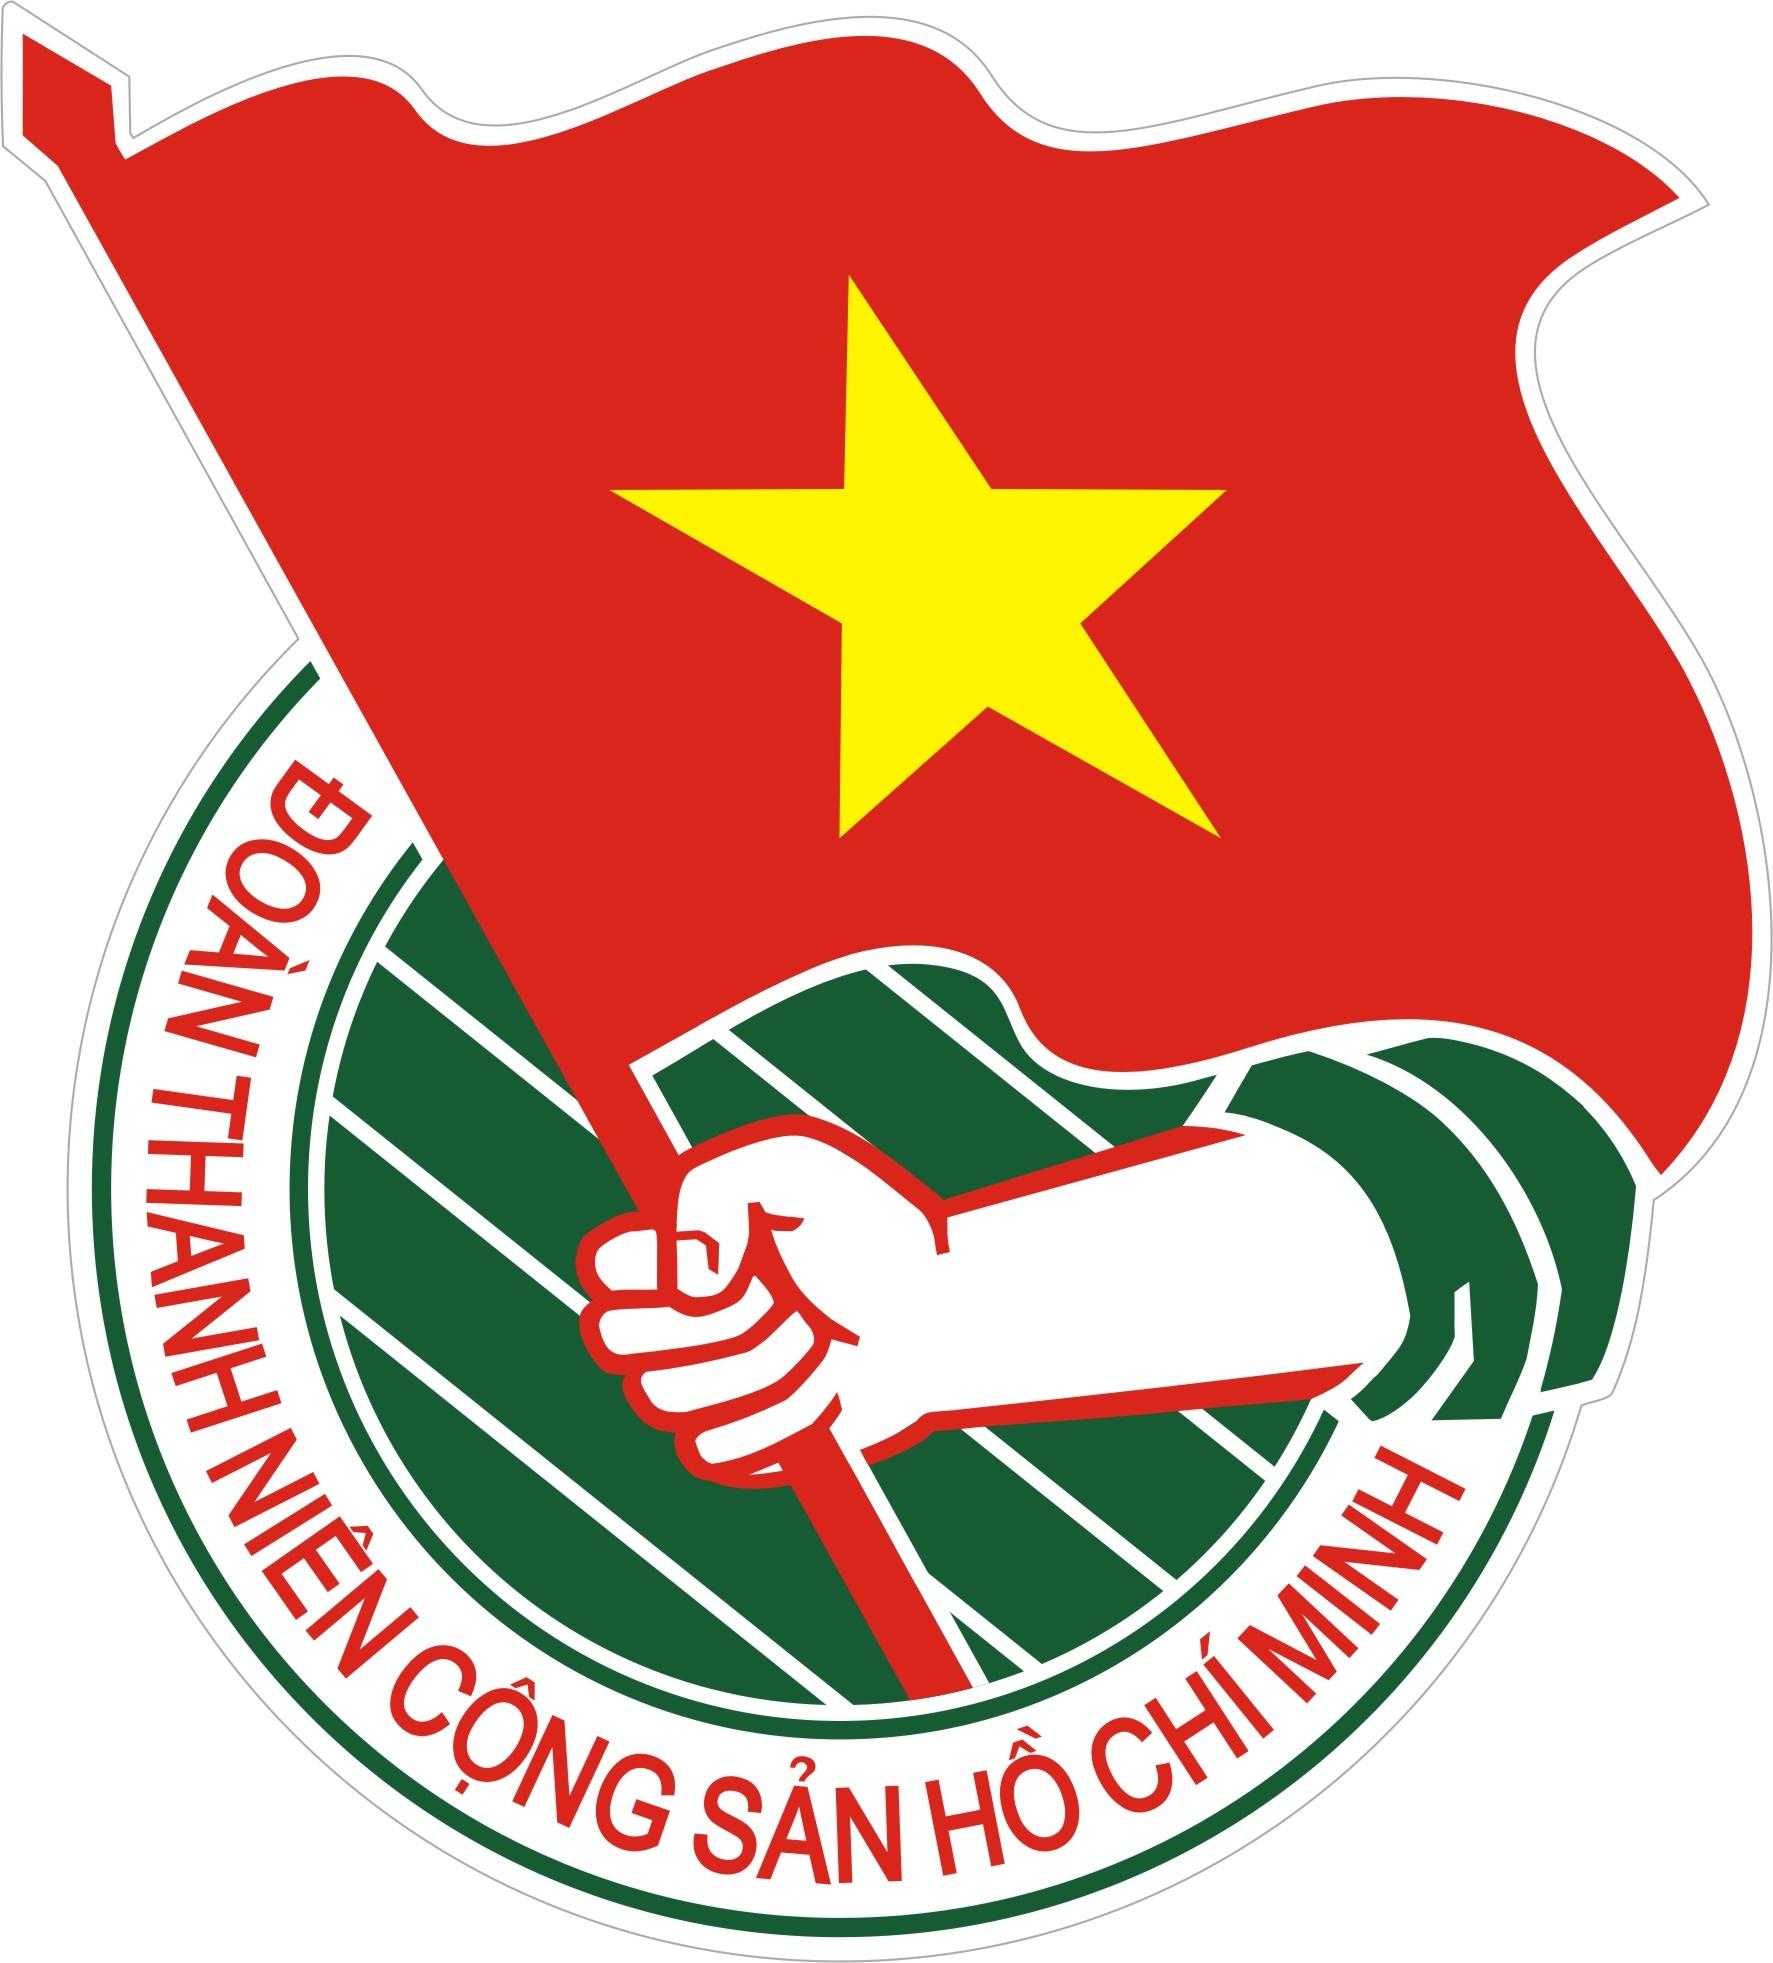 ĐIỀU LỆ ĐOÀN TNCS HỒ CHÍ MINH KHÓA X (Được Đại hội Đoàn toàn quốc lần thứ X thông qua ngày 12/12/2012)